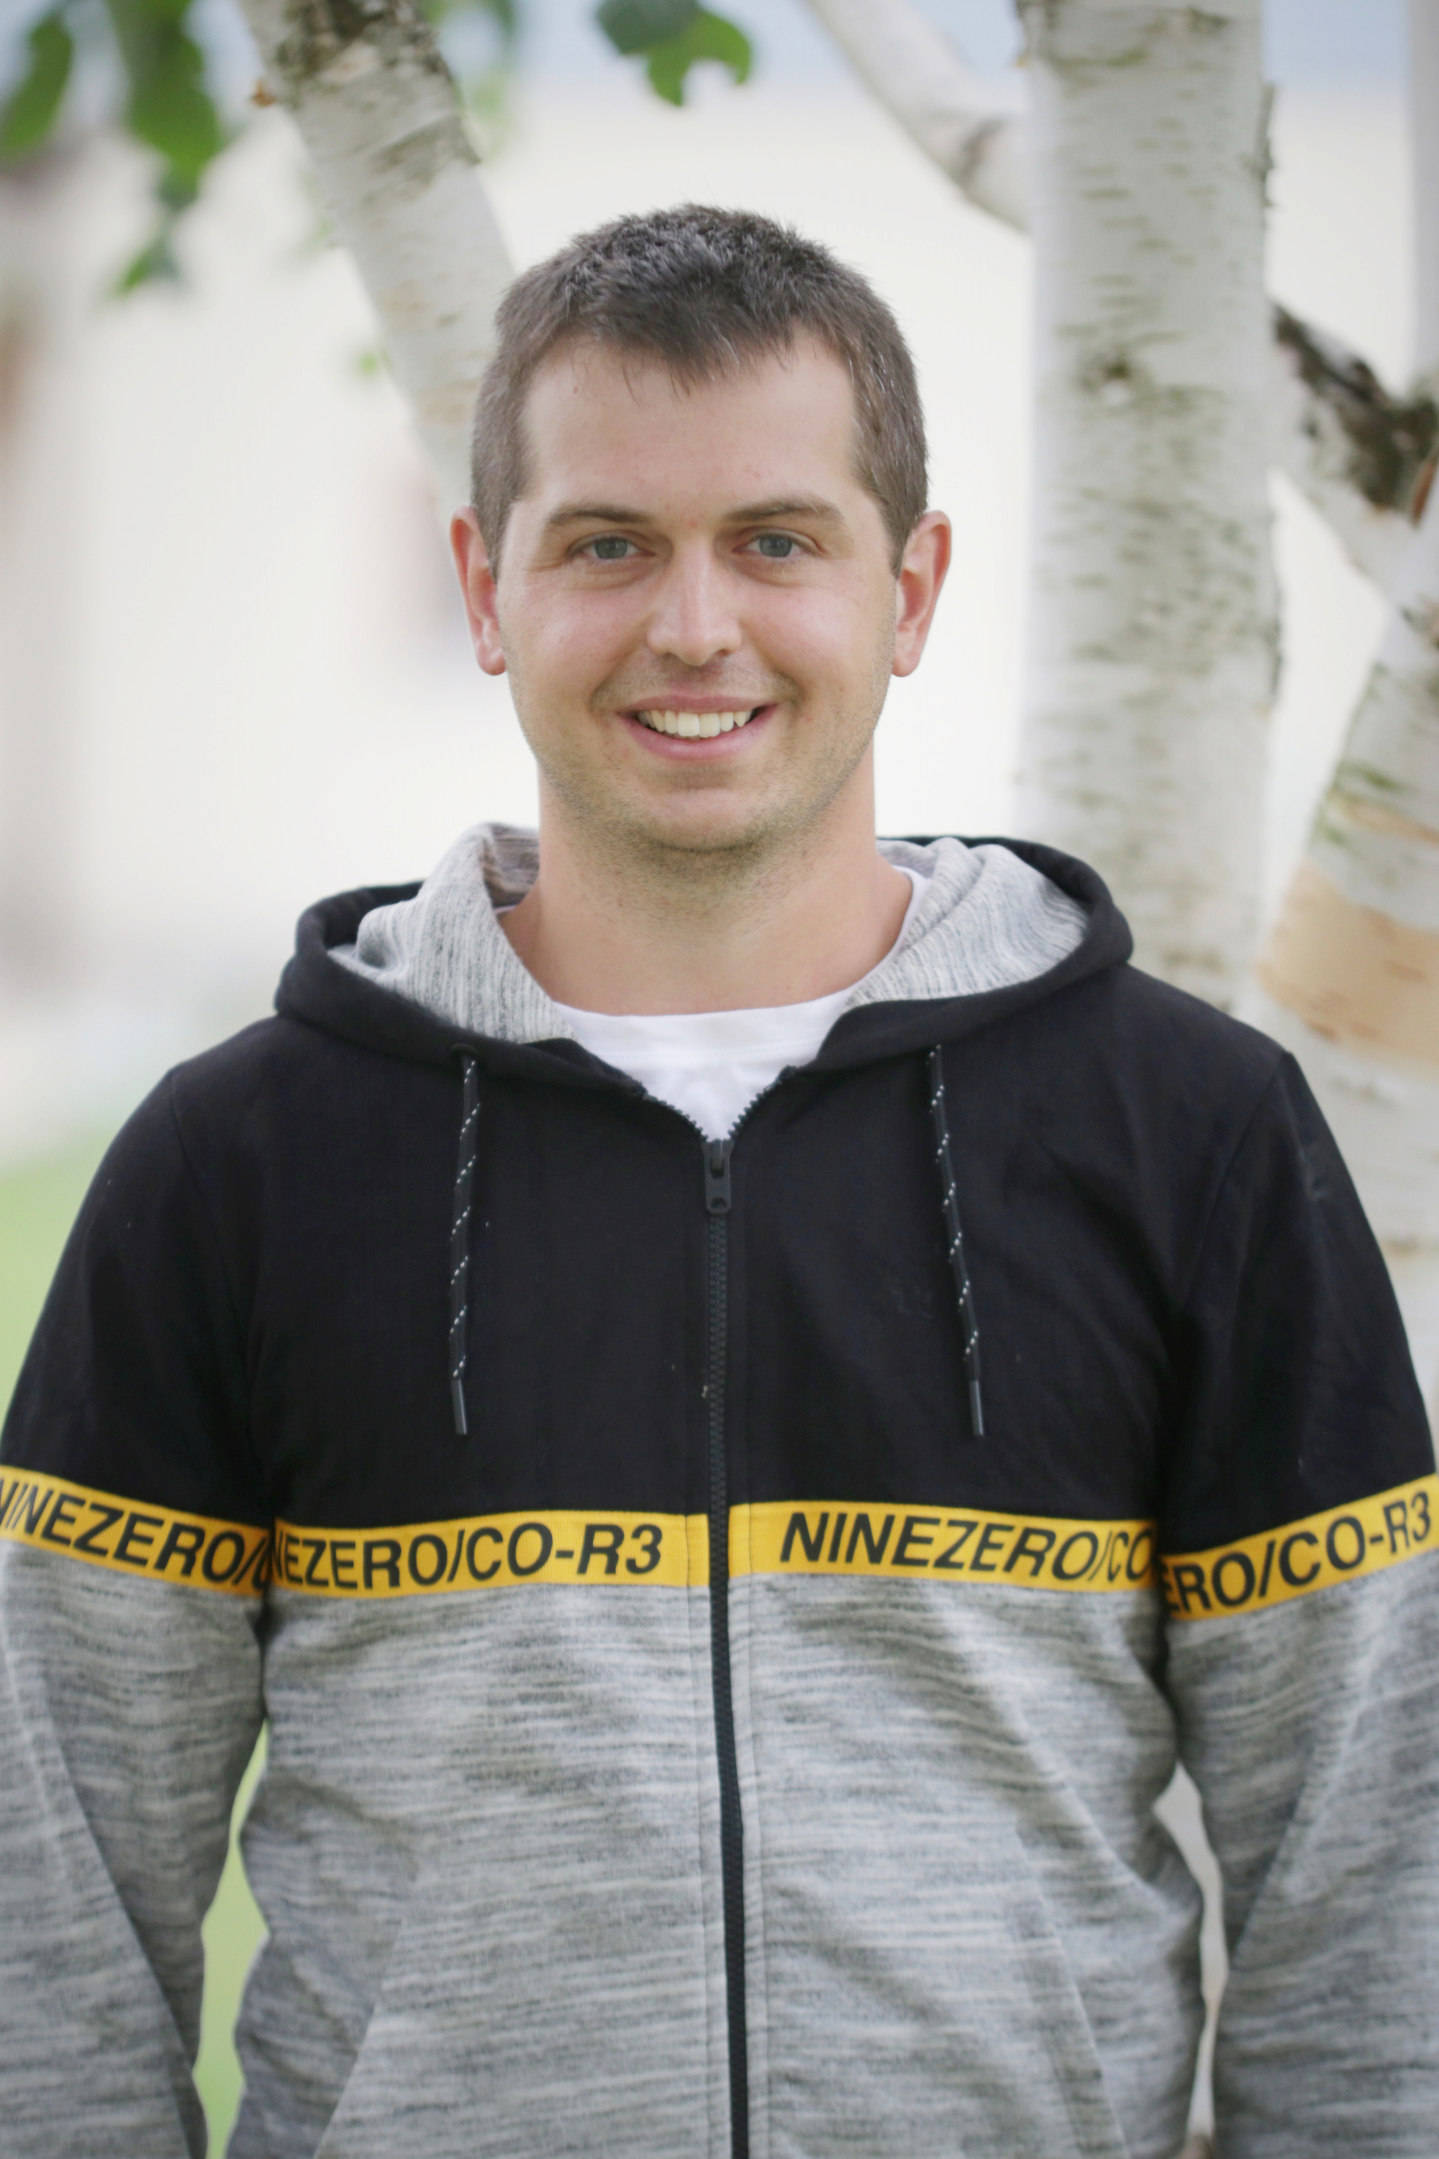 Alex Voglauer